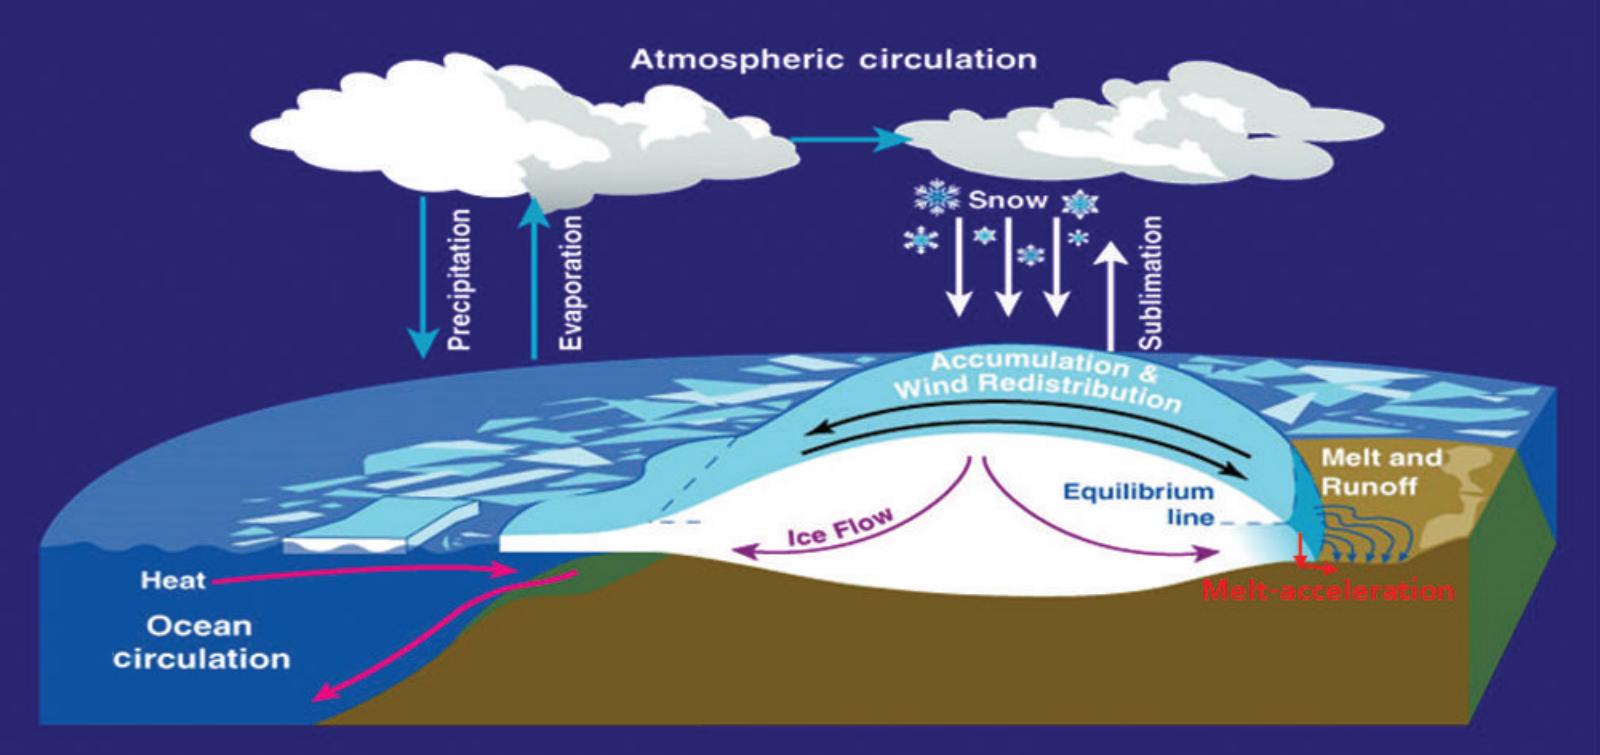 (Credit: Zwally et al., Journal of Glaciology, Volume 61, Number 230, December 2015, pp. 1019-1036(18))